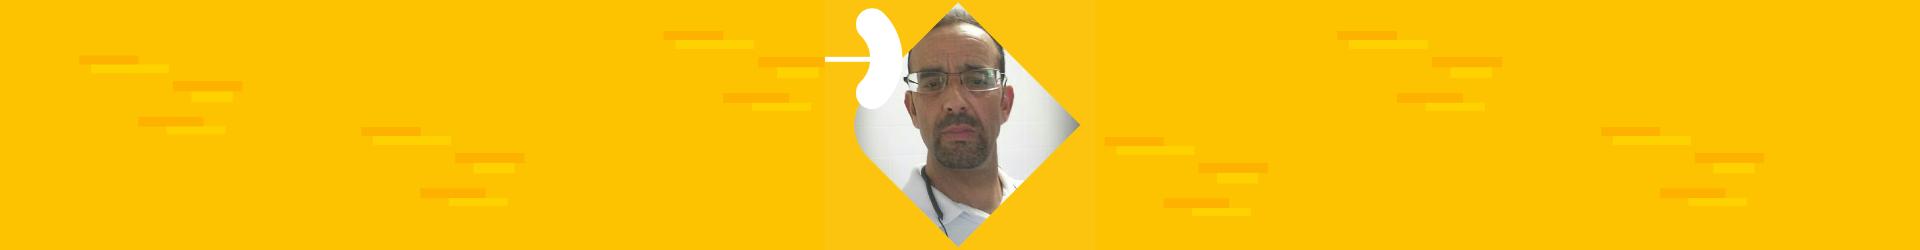 Mohammed leeft dankzij nieuwe nieren